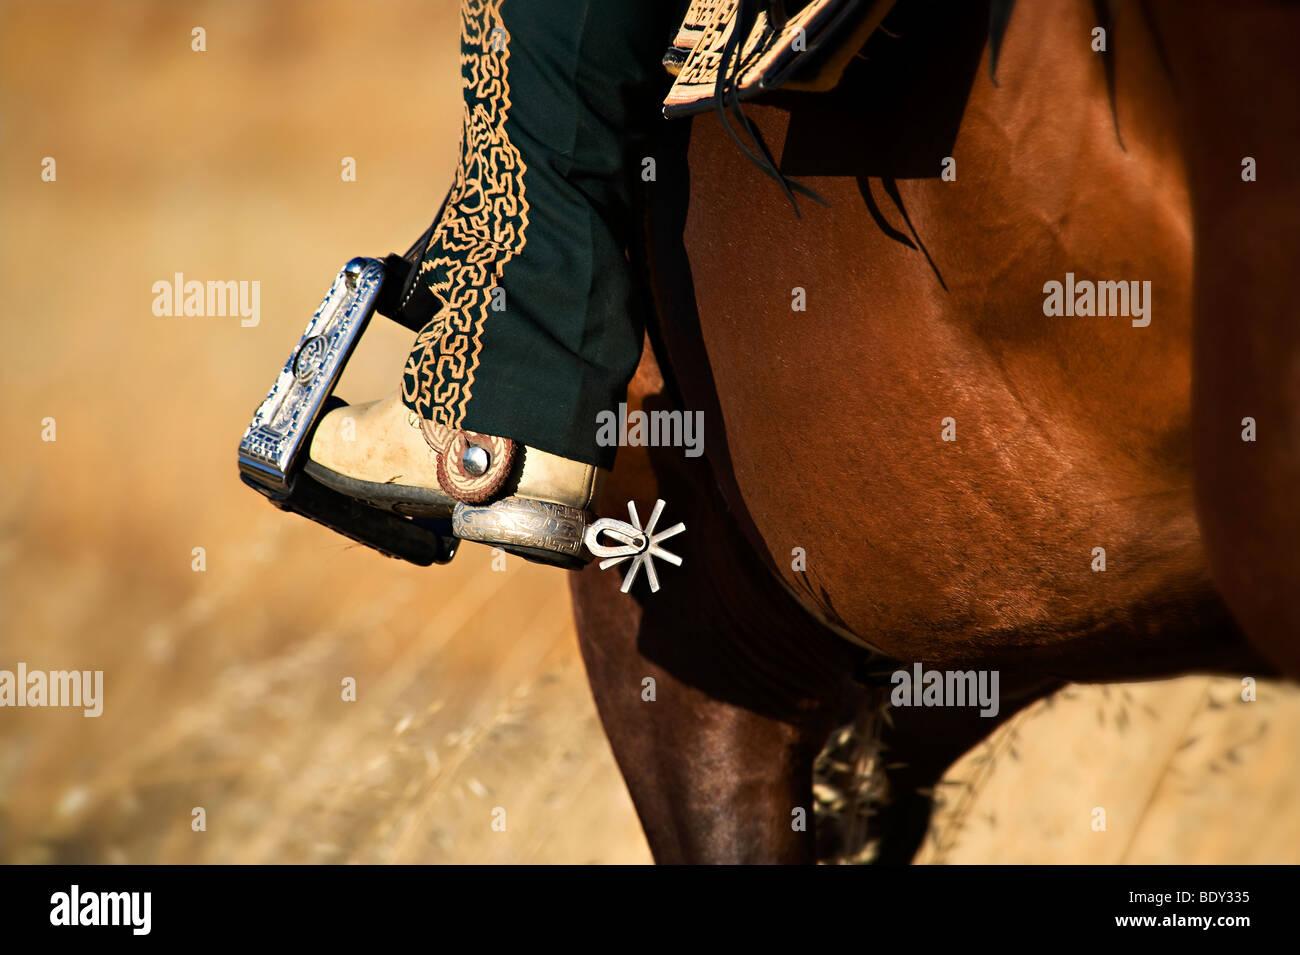 Del Jinete Charro Espuela y detalle de arranque a caballo Foto de stock